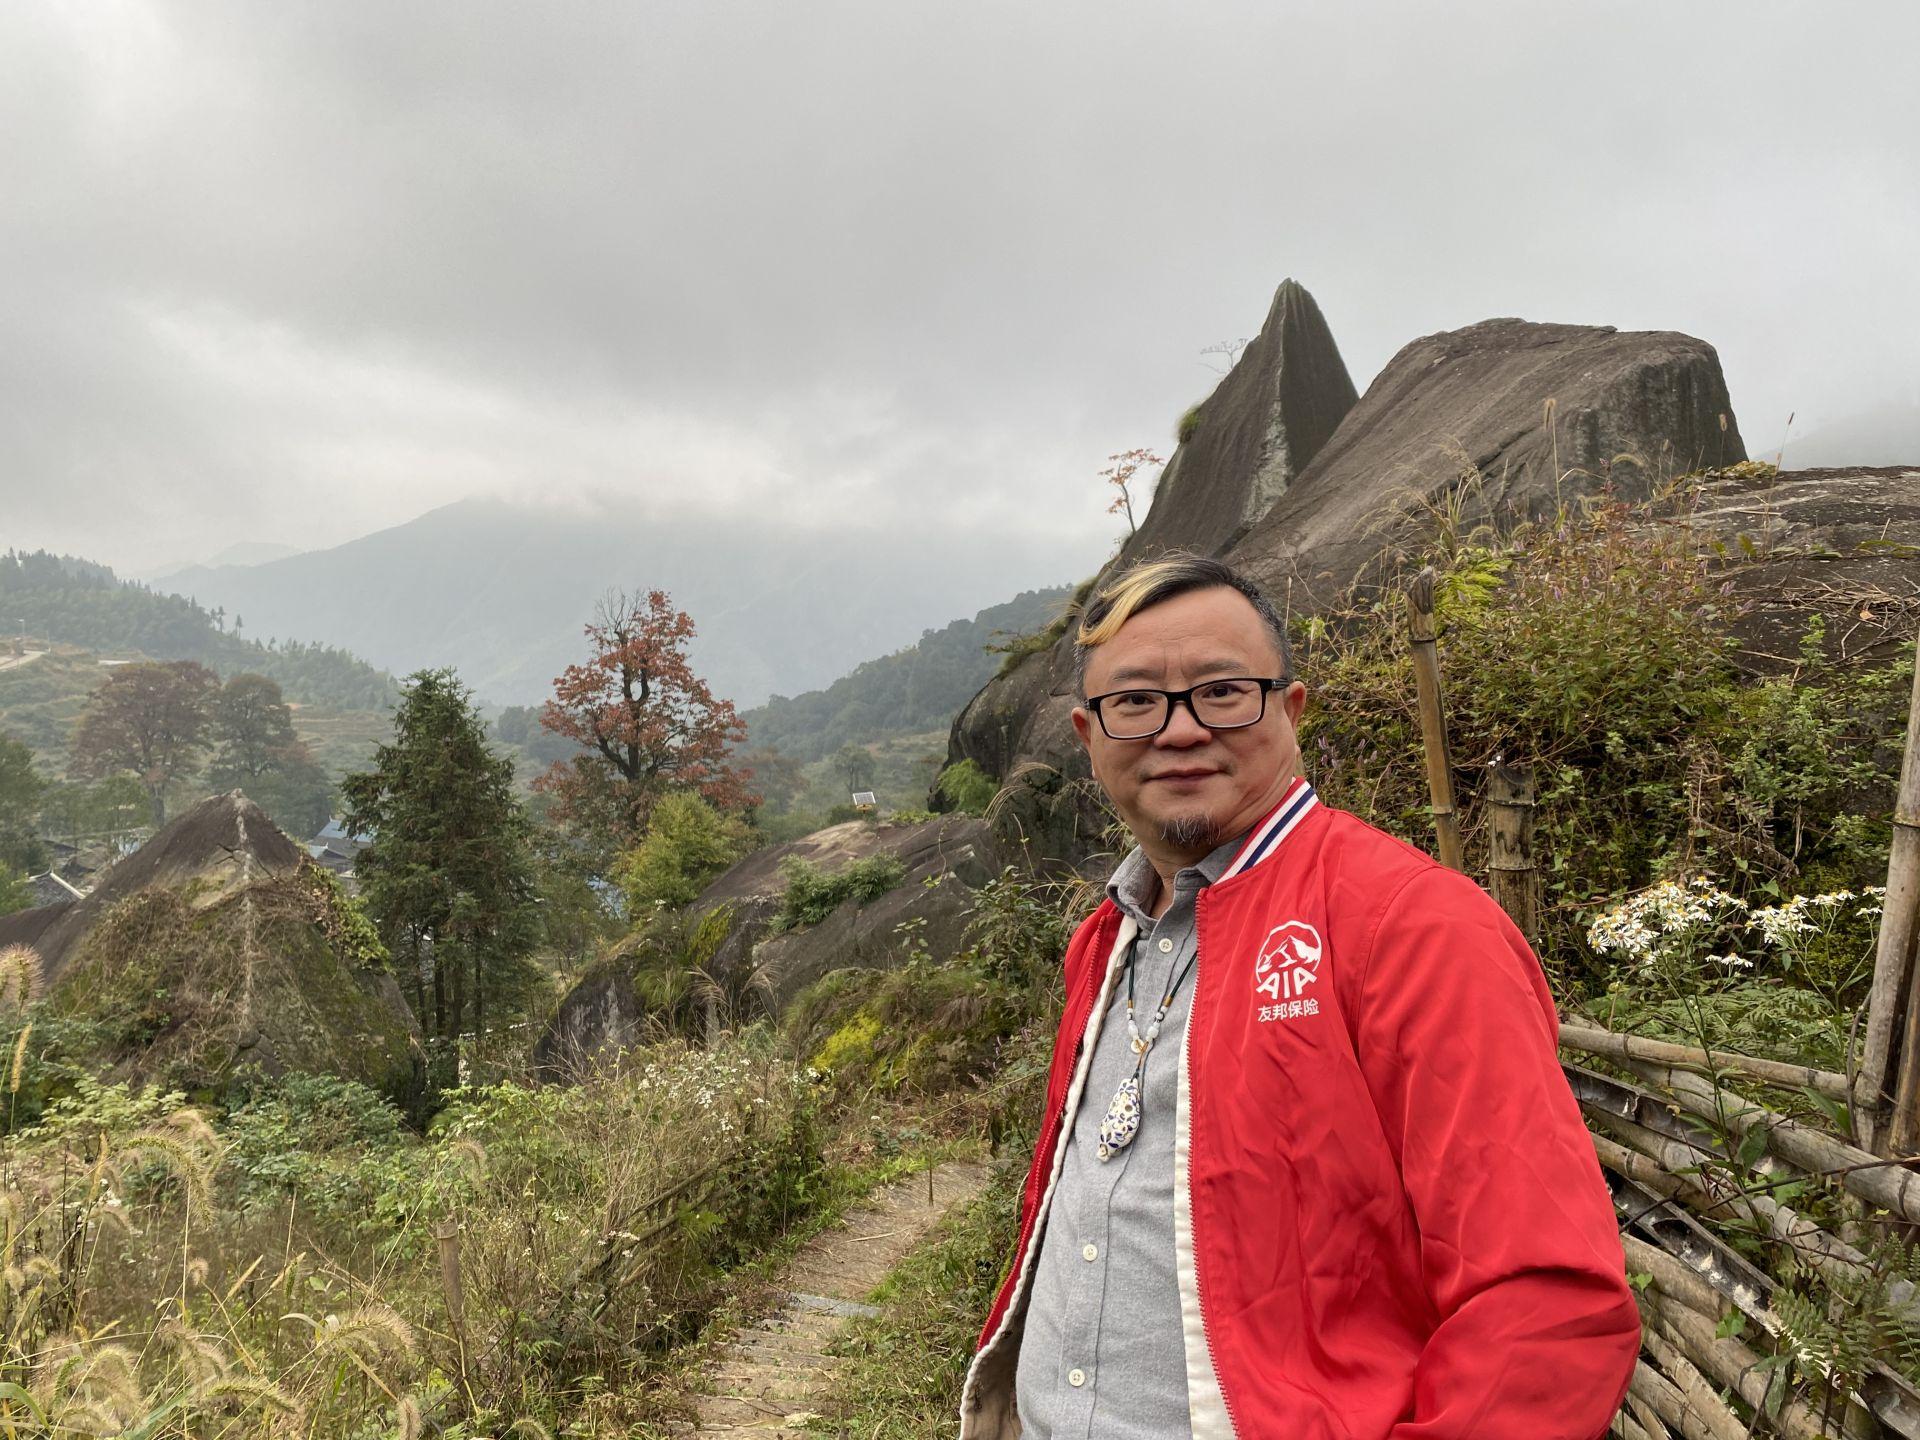 东莞作家王一丁原创骈文《雪峰山赋》广受赞誉